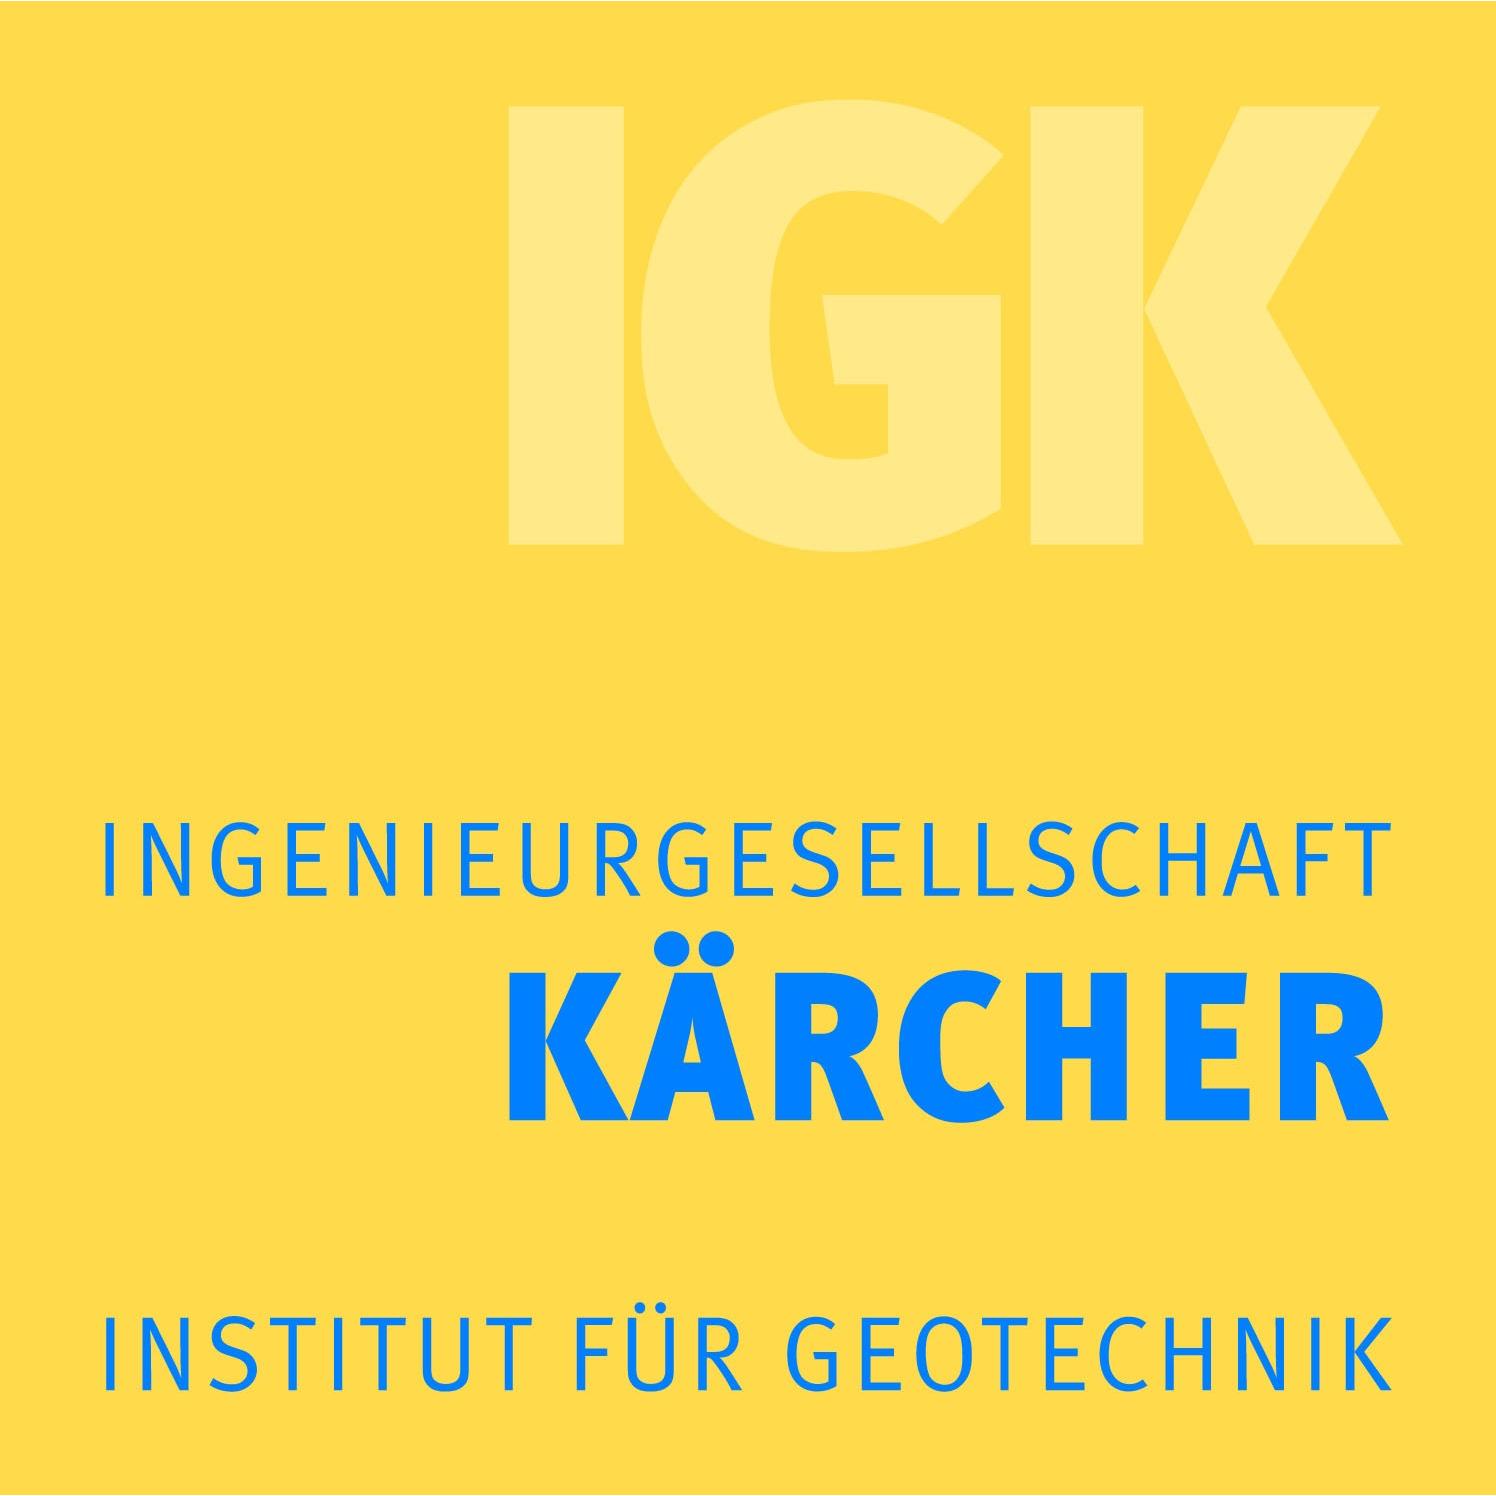 Bild zu Ingenieurgesellschaft Kärcher mbH Institut für Geotechnik in Weingarten in Baden